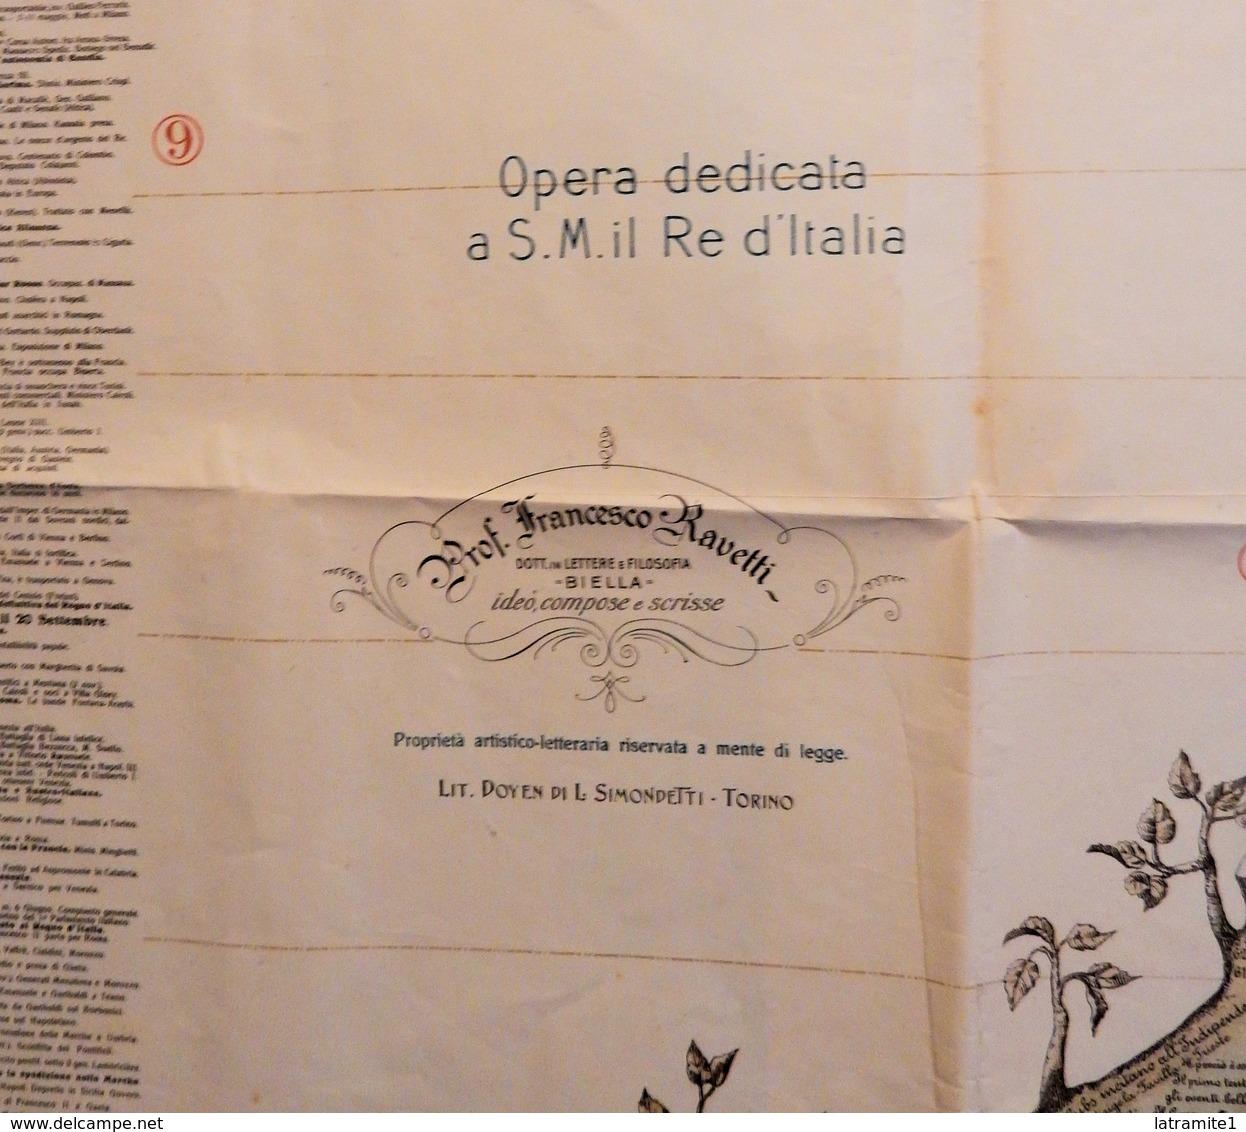 MANIFESTO PIANTA DELLA STORIA D'ITALIA DAI TEMPI PIU' REMOTI AL 1913 - Manifesti